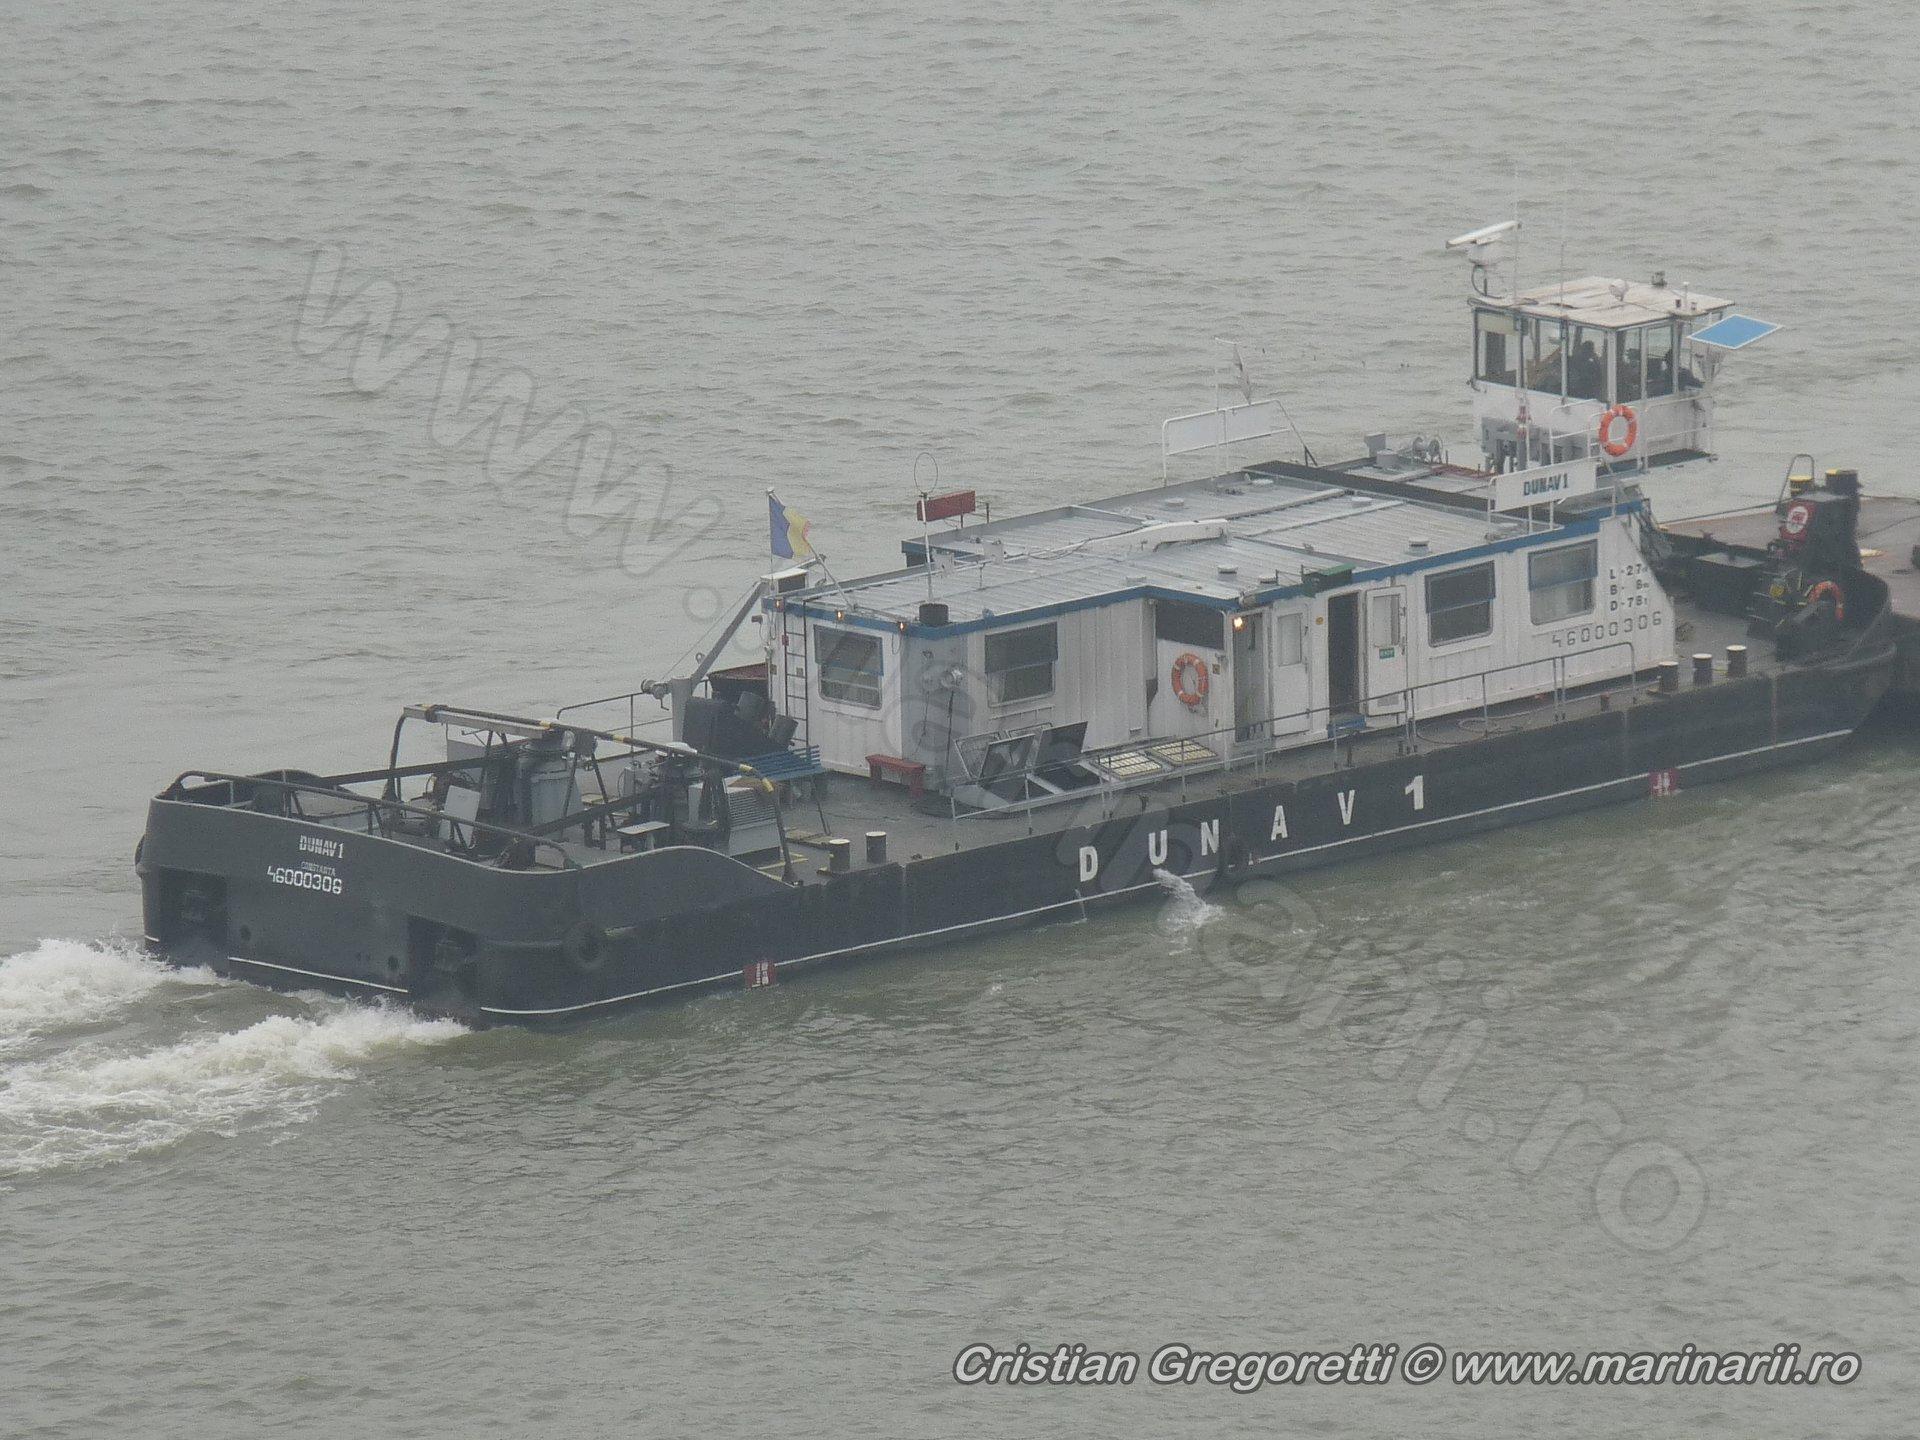 Dunav 1